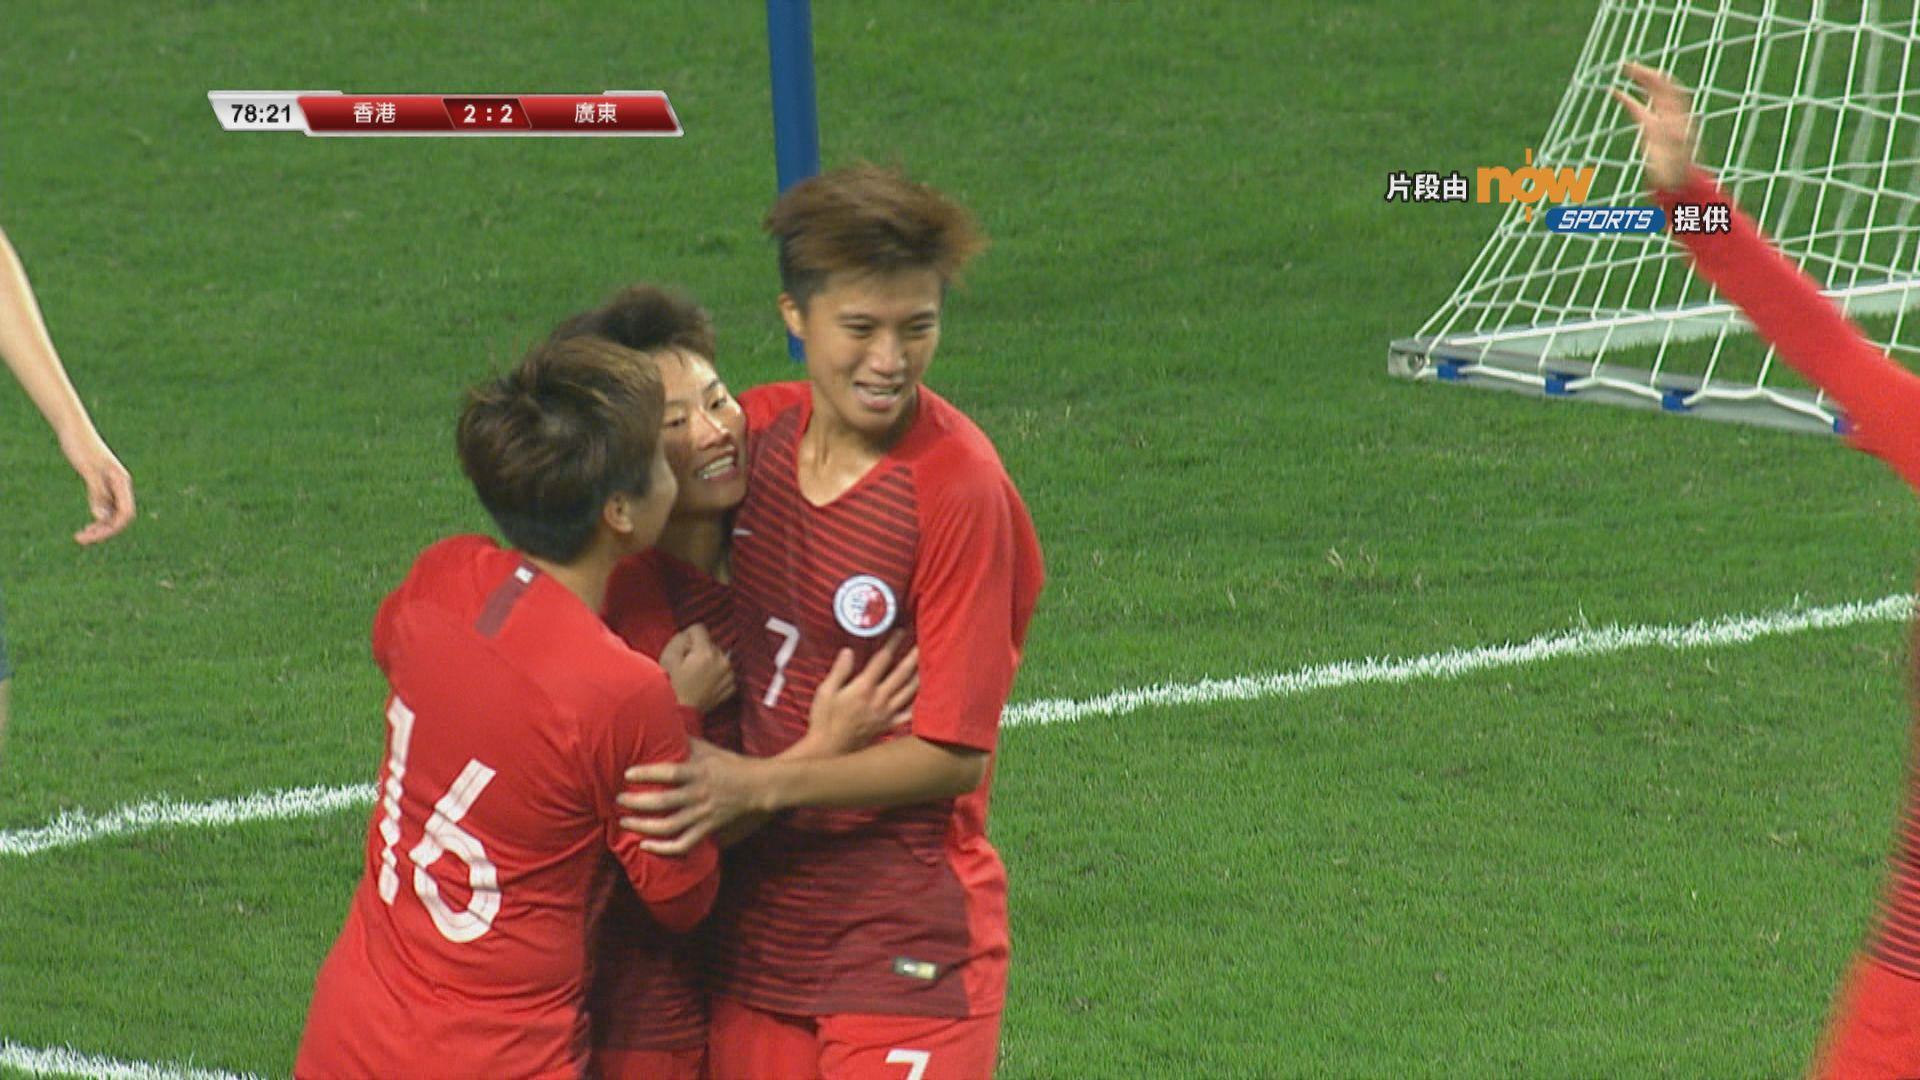 省港女子足球友誼賽 香港 2:2 廣東